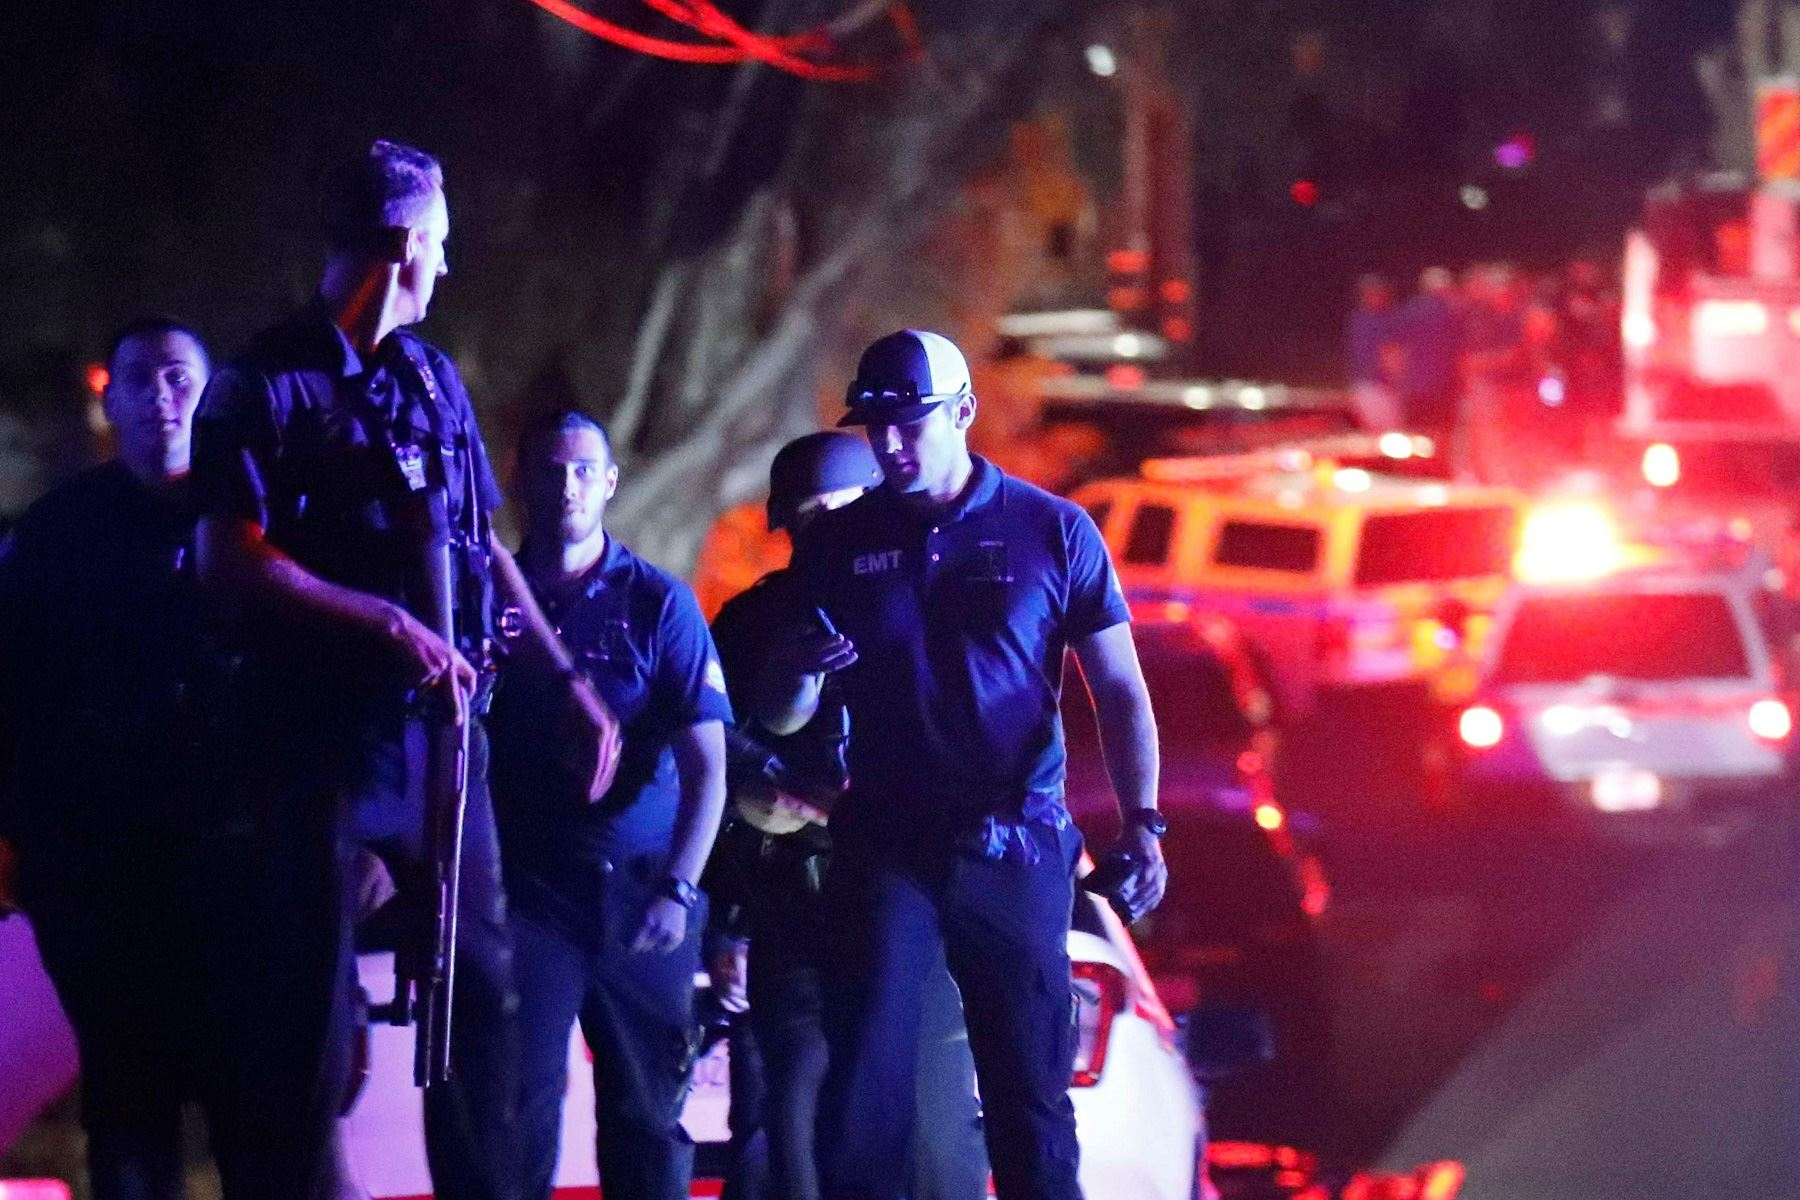 EEUU: tres muertos y 15 heridos deja tiroteo en feria gastronómica